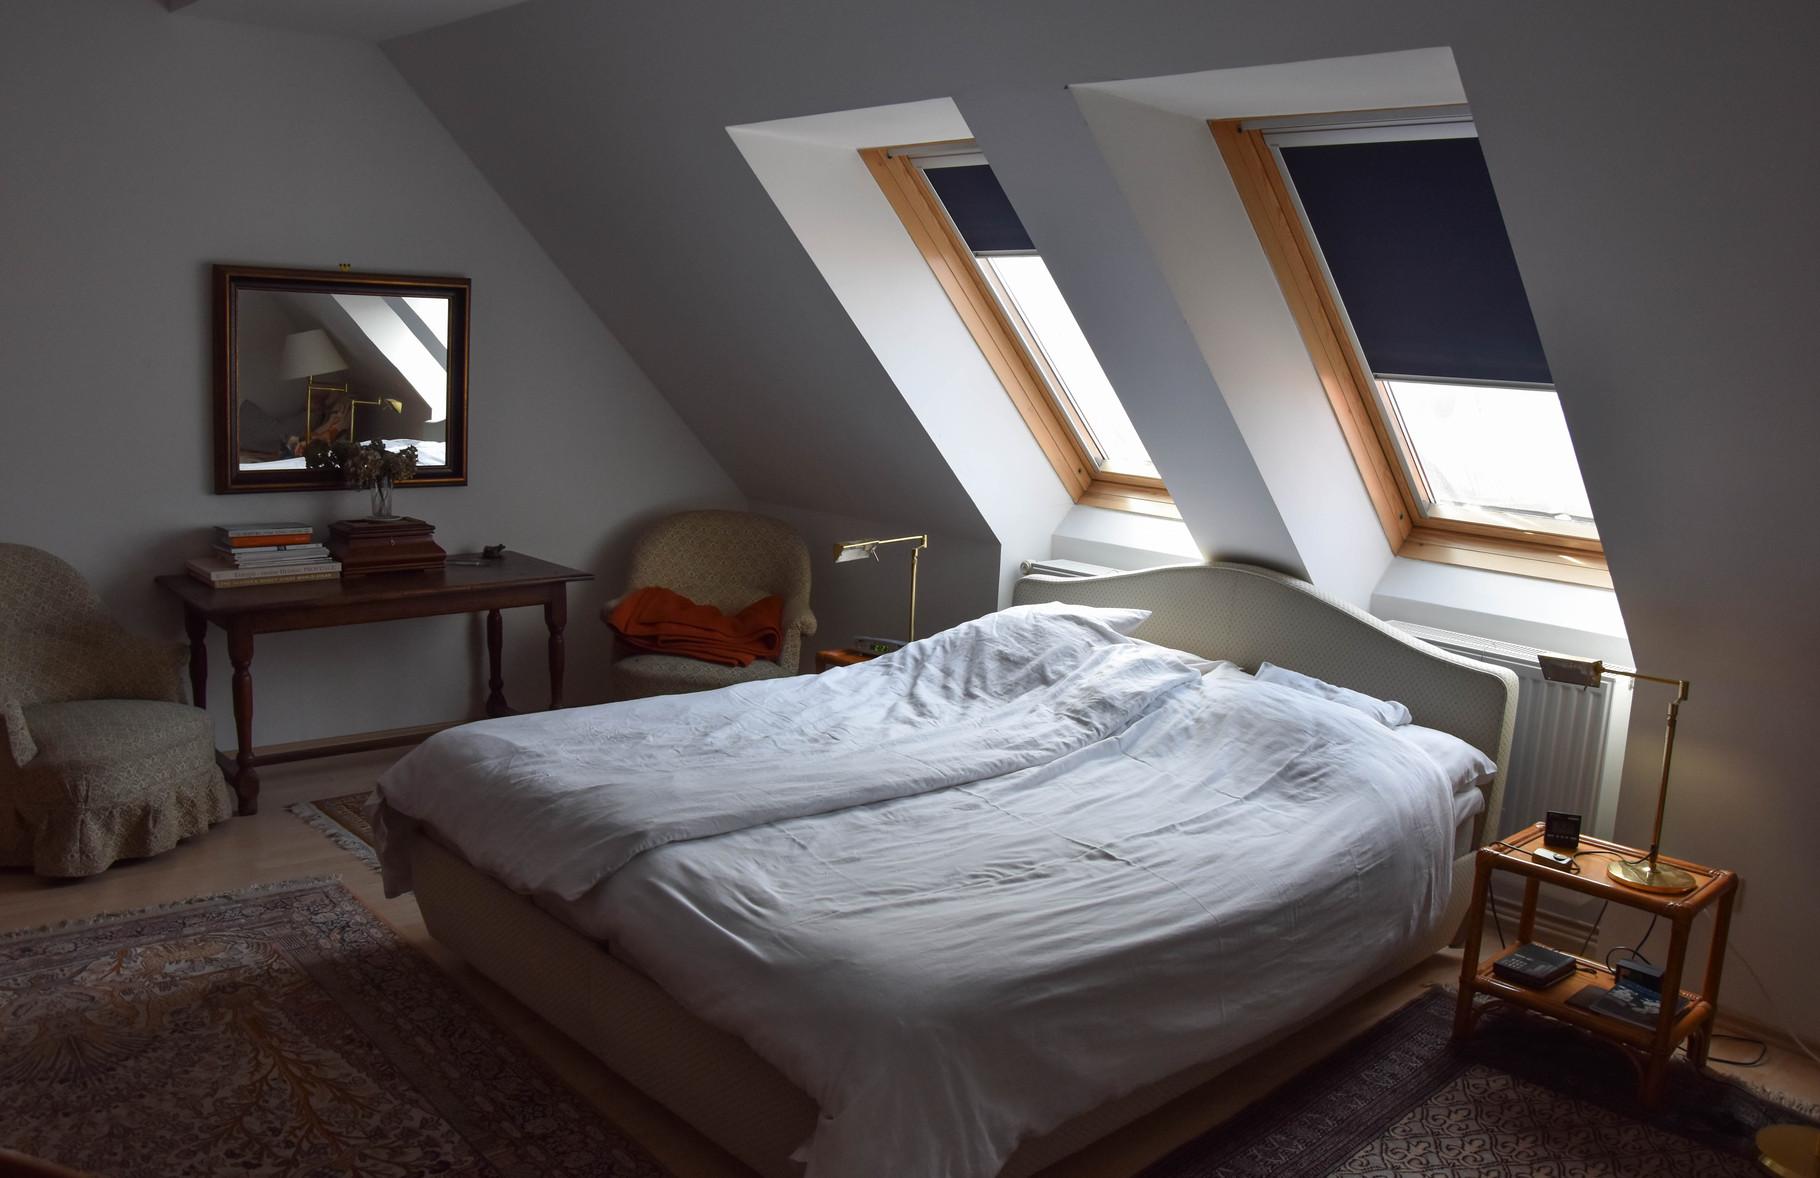 Schlafzimmer - Foto Gerhard Ambroz 2015